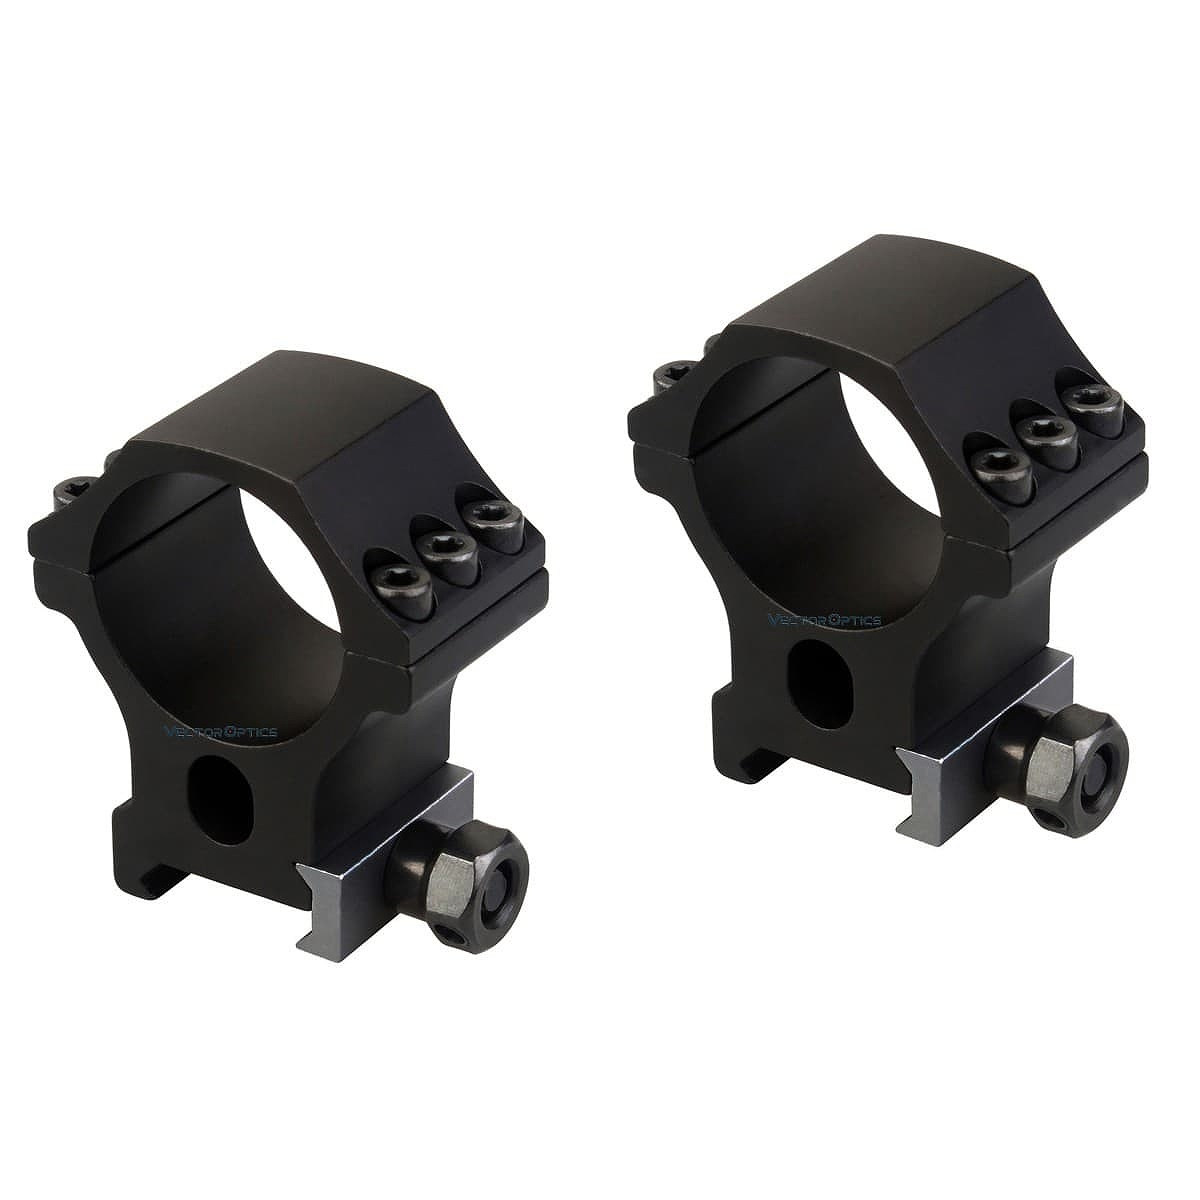 【お届け予定日: 6月30日】ベクターオプティクス ライフルスコープ Taurus 3-18x50  Vector Optics SCFF-11